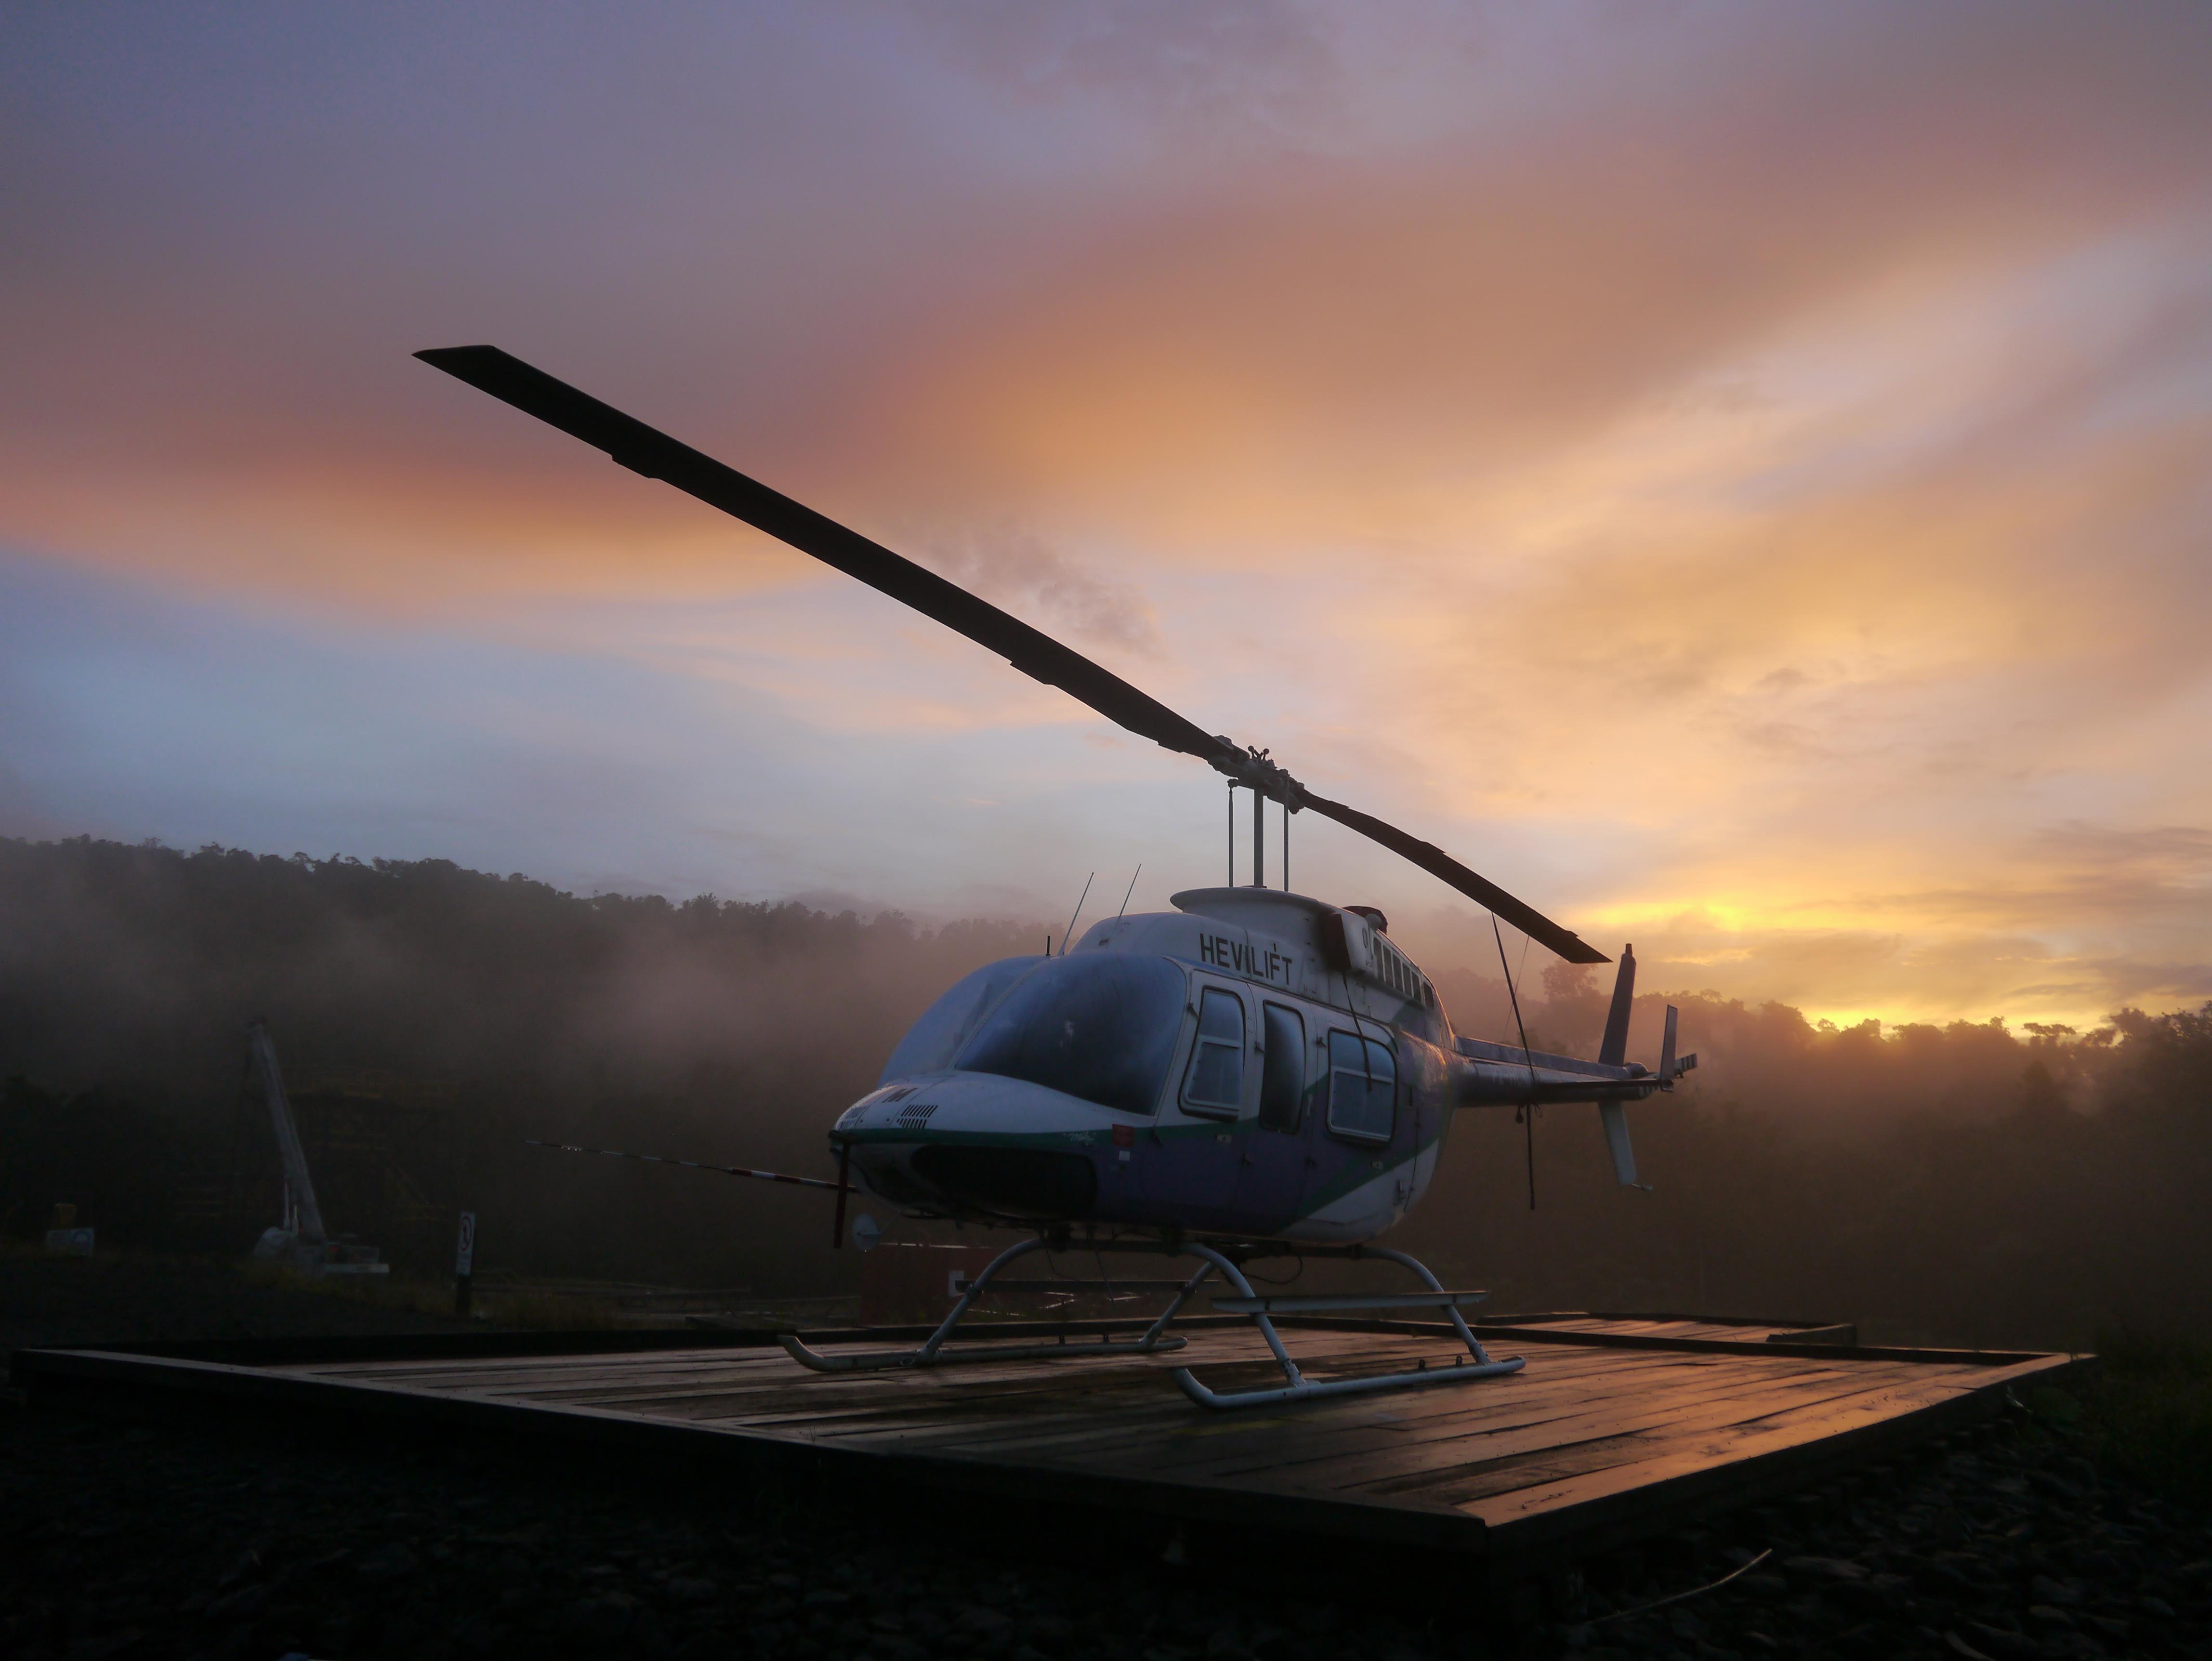 Wallpaper helicopter chopper bell 206 longranger sunrise jungle 4592x3448